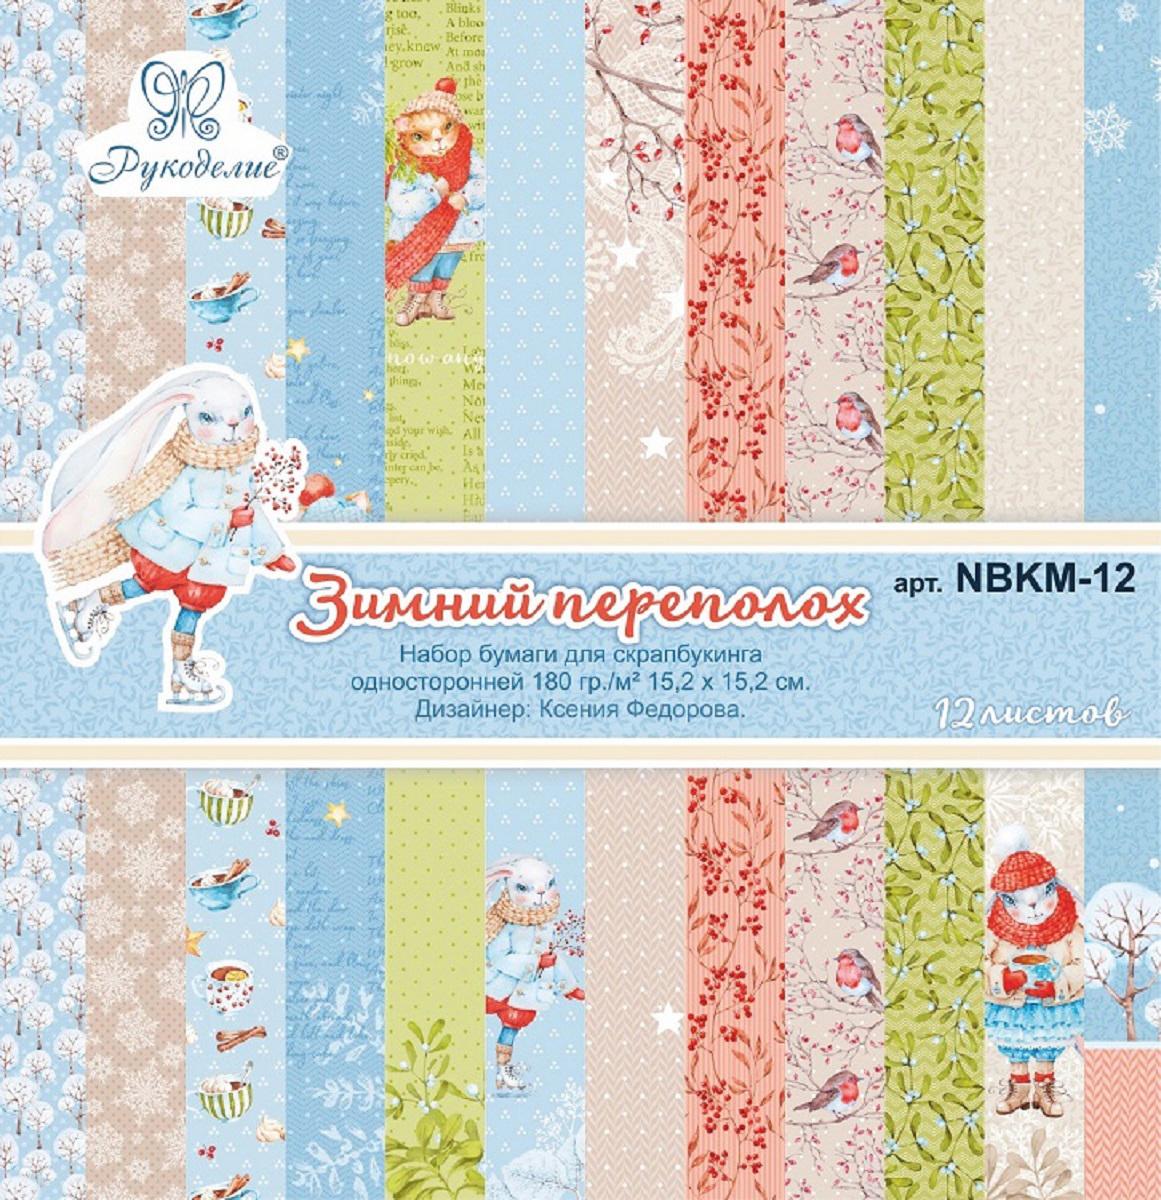 Набор бумаги для скрапбукинга Рукоделие Зимний переполох, односторонняя, 15,2 х 15,2 см, 12 листов бумага для декупажа рукоделие винтаж 50 х 39 5 см 6 листов